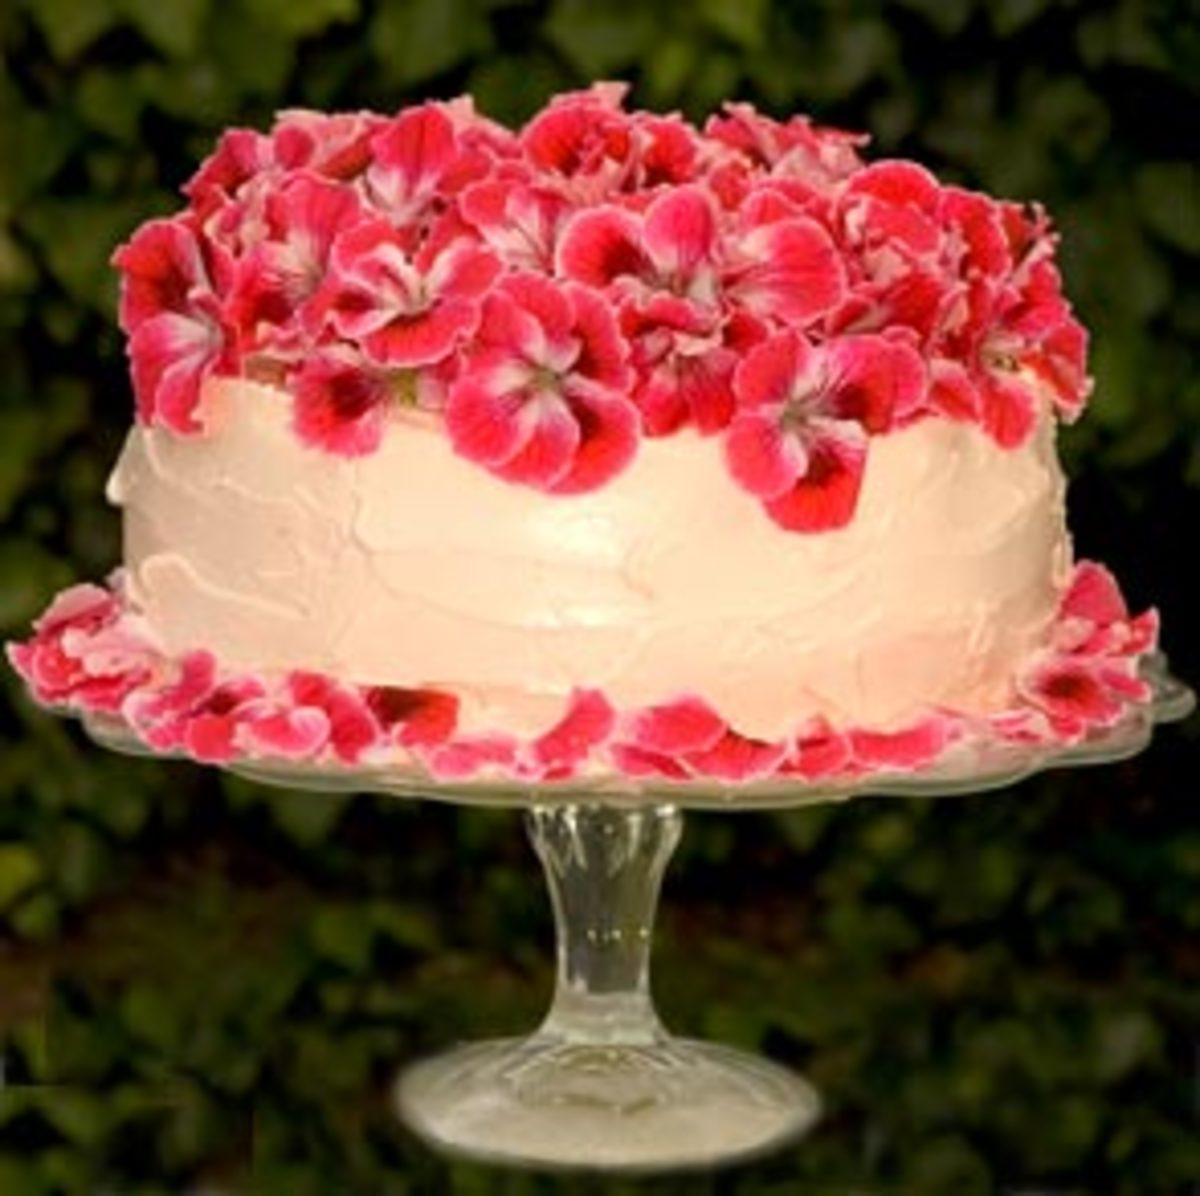 geranium_cake1